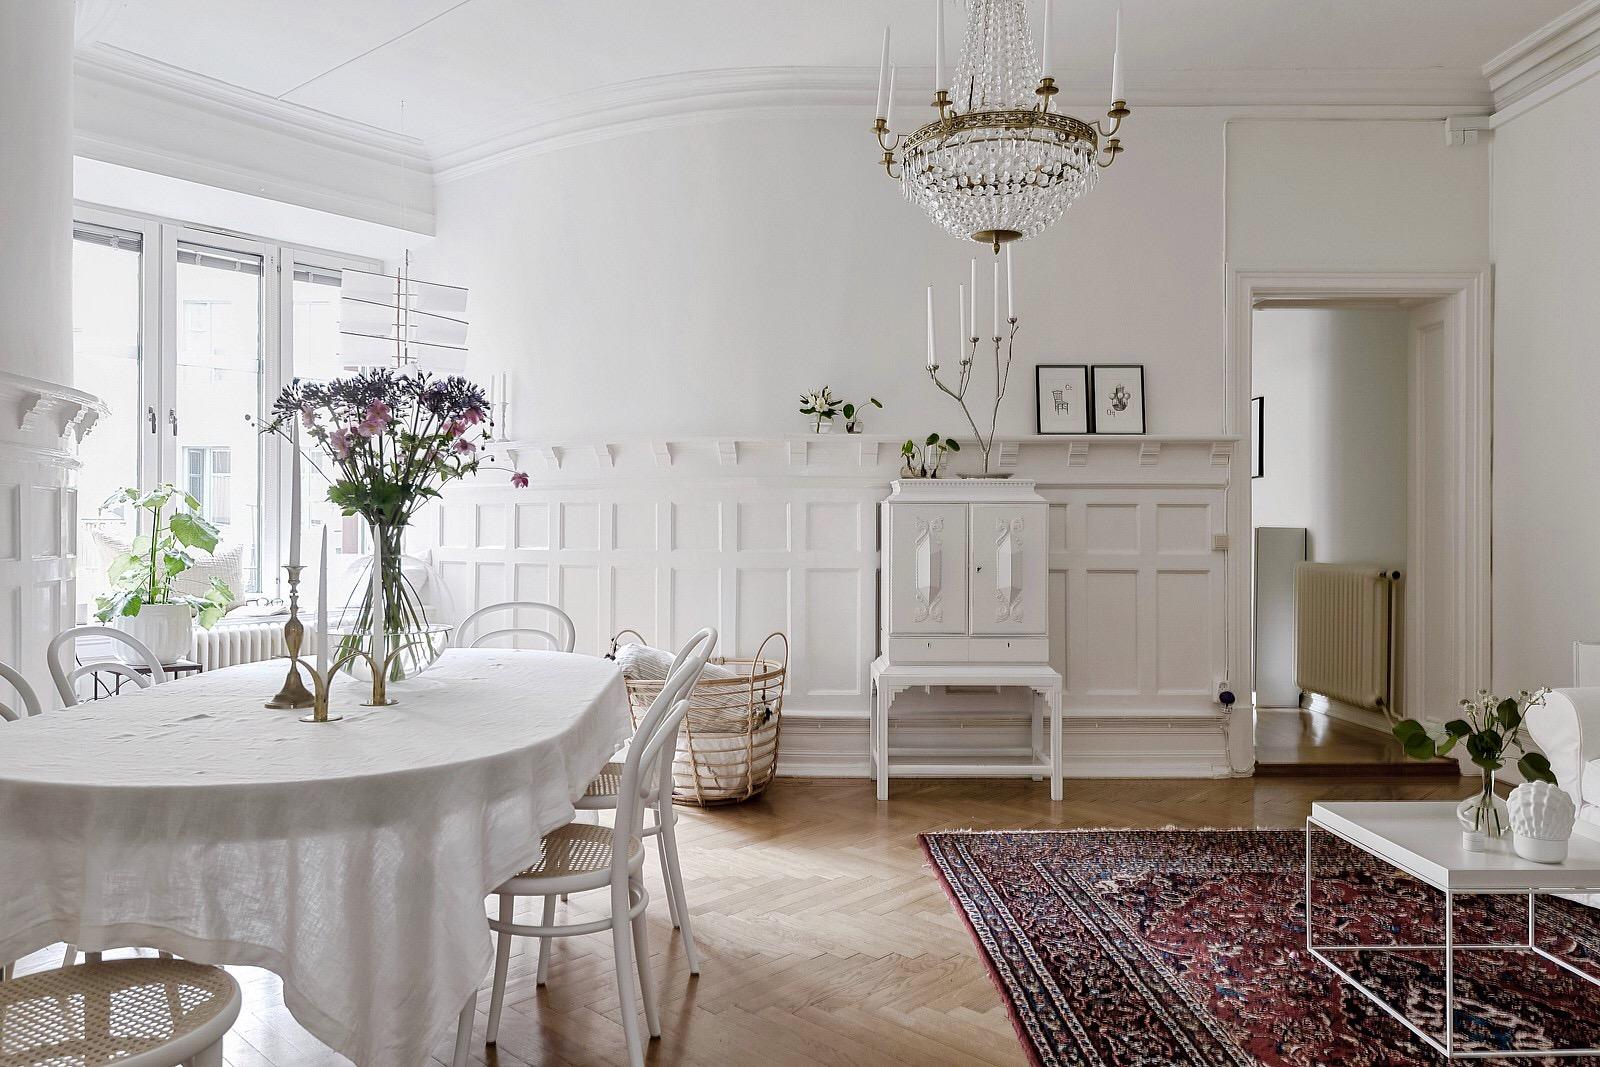 стеновые панели обеденный стол стулья комод люстра